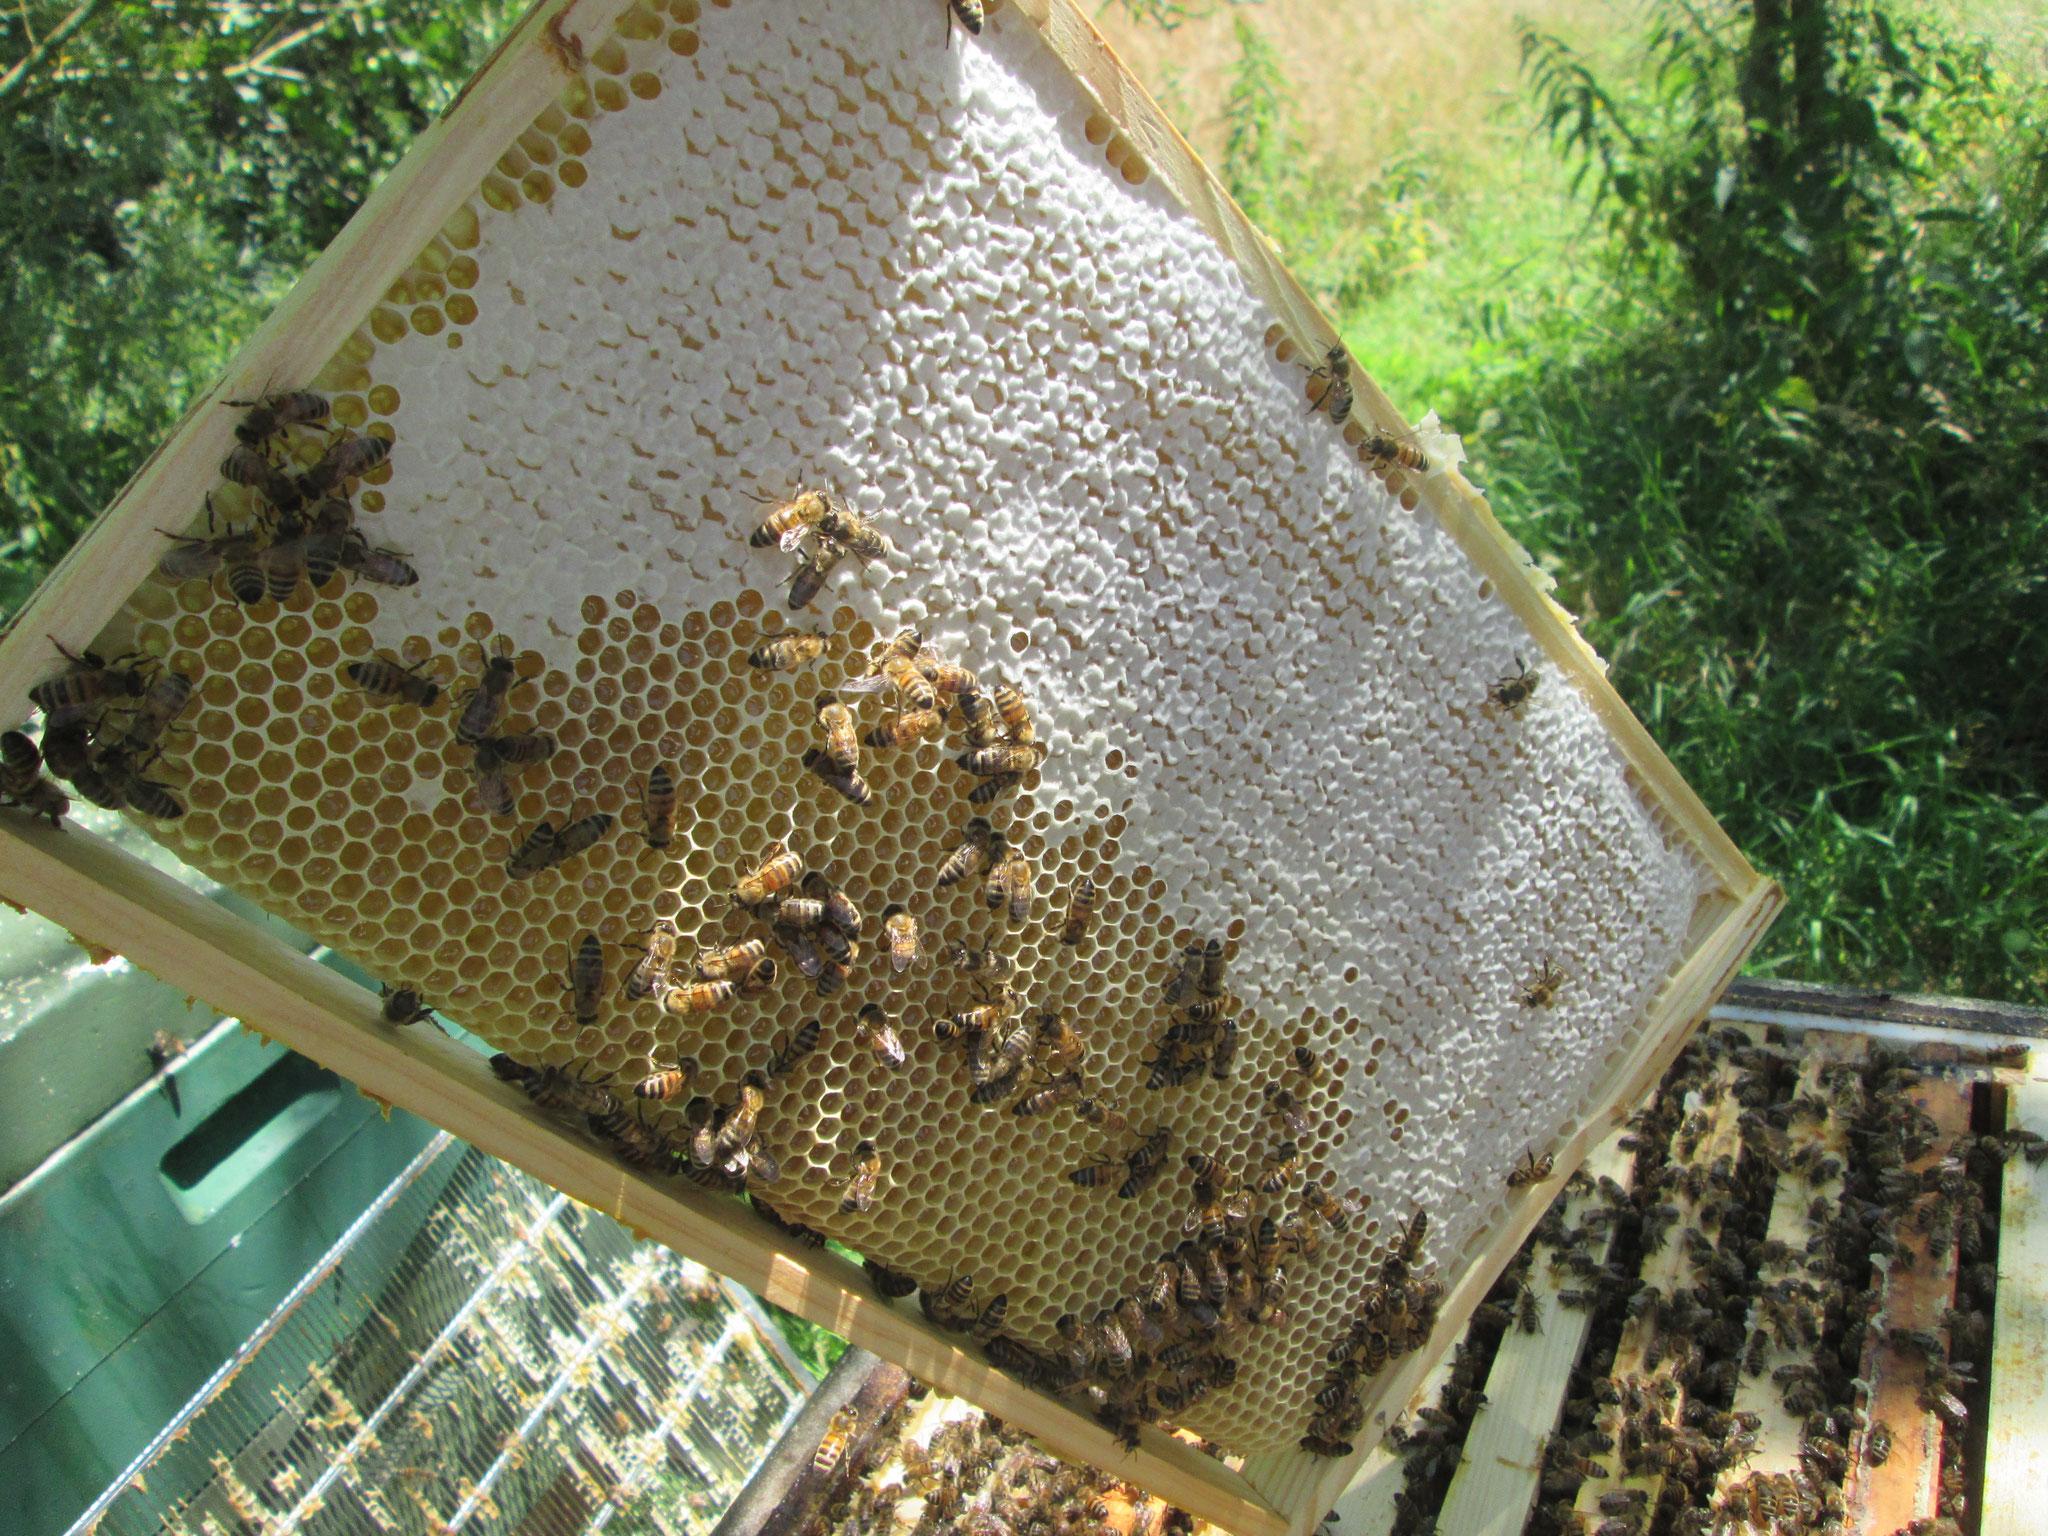 """Die Bienen haben bereits große Teile der Wabe mit Wachsdeckeln versehen: Der Honig ist reif zur Entnahme. Zur Sicherheit machen wir noch die """"Spritzprobe"""": Wenn beim Schnicken und Schütteln nichts heraustropft, ist der Honig reif genug."""